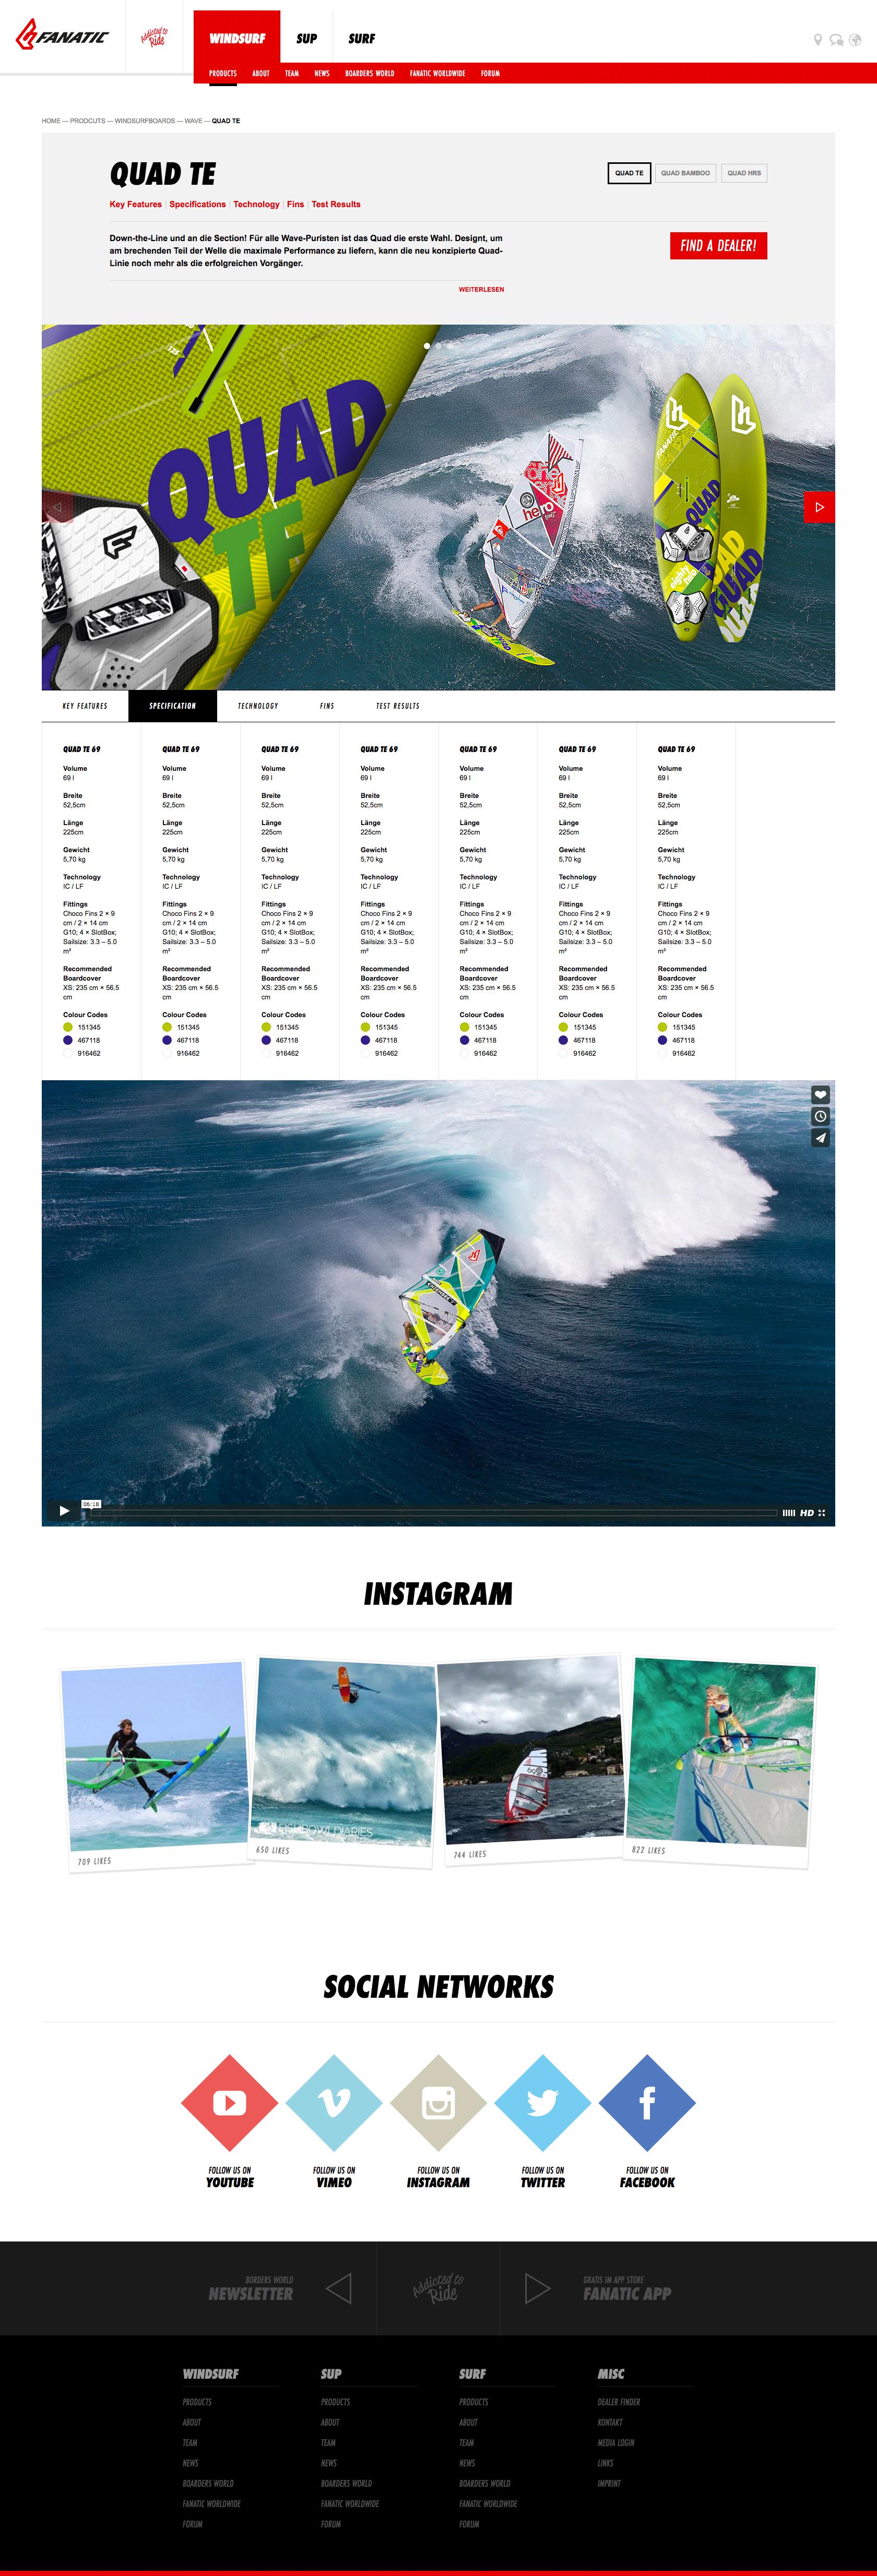 Fanatic Website Image 05